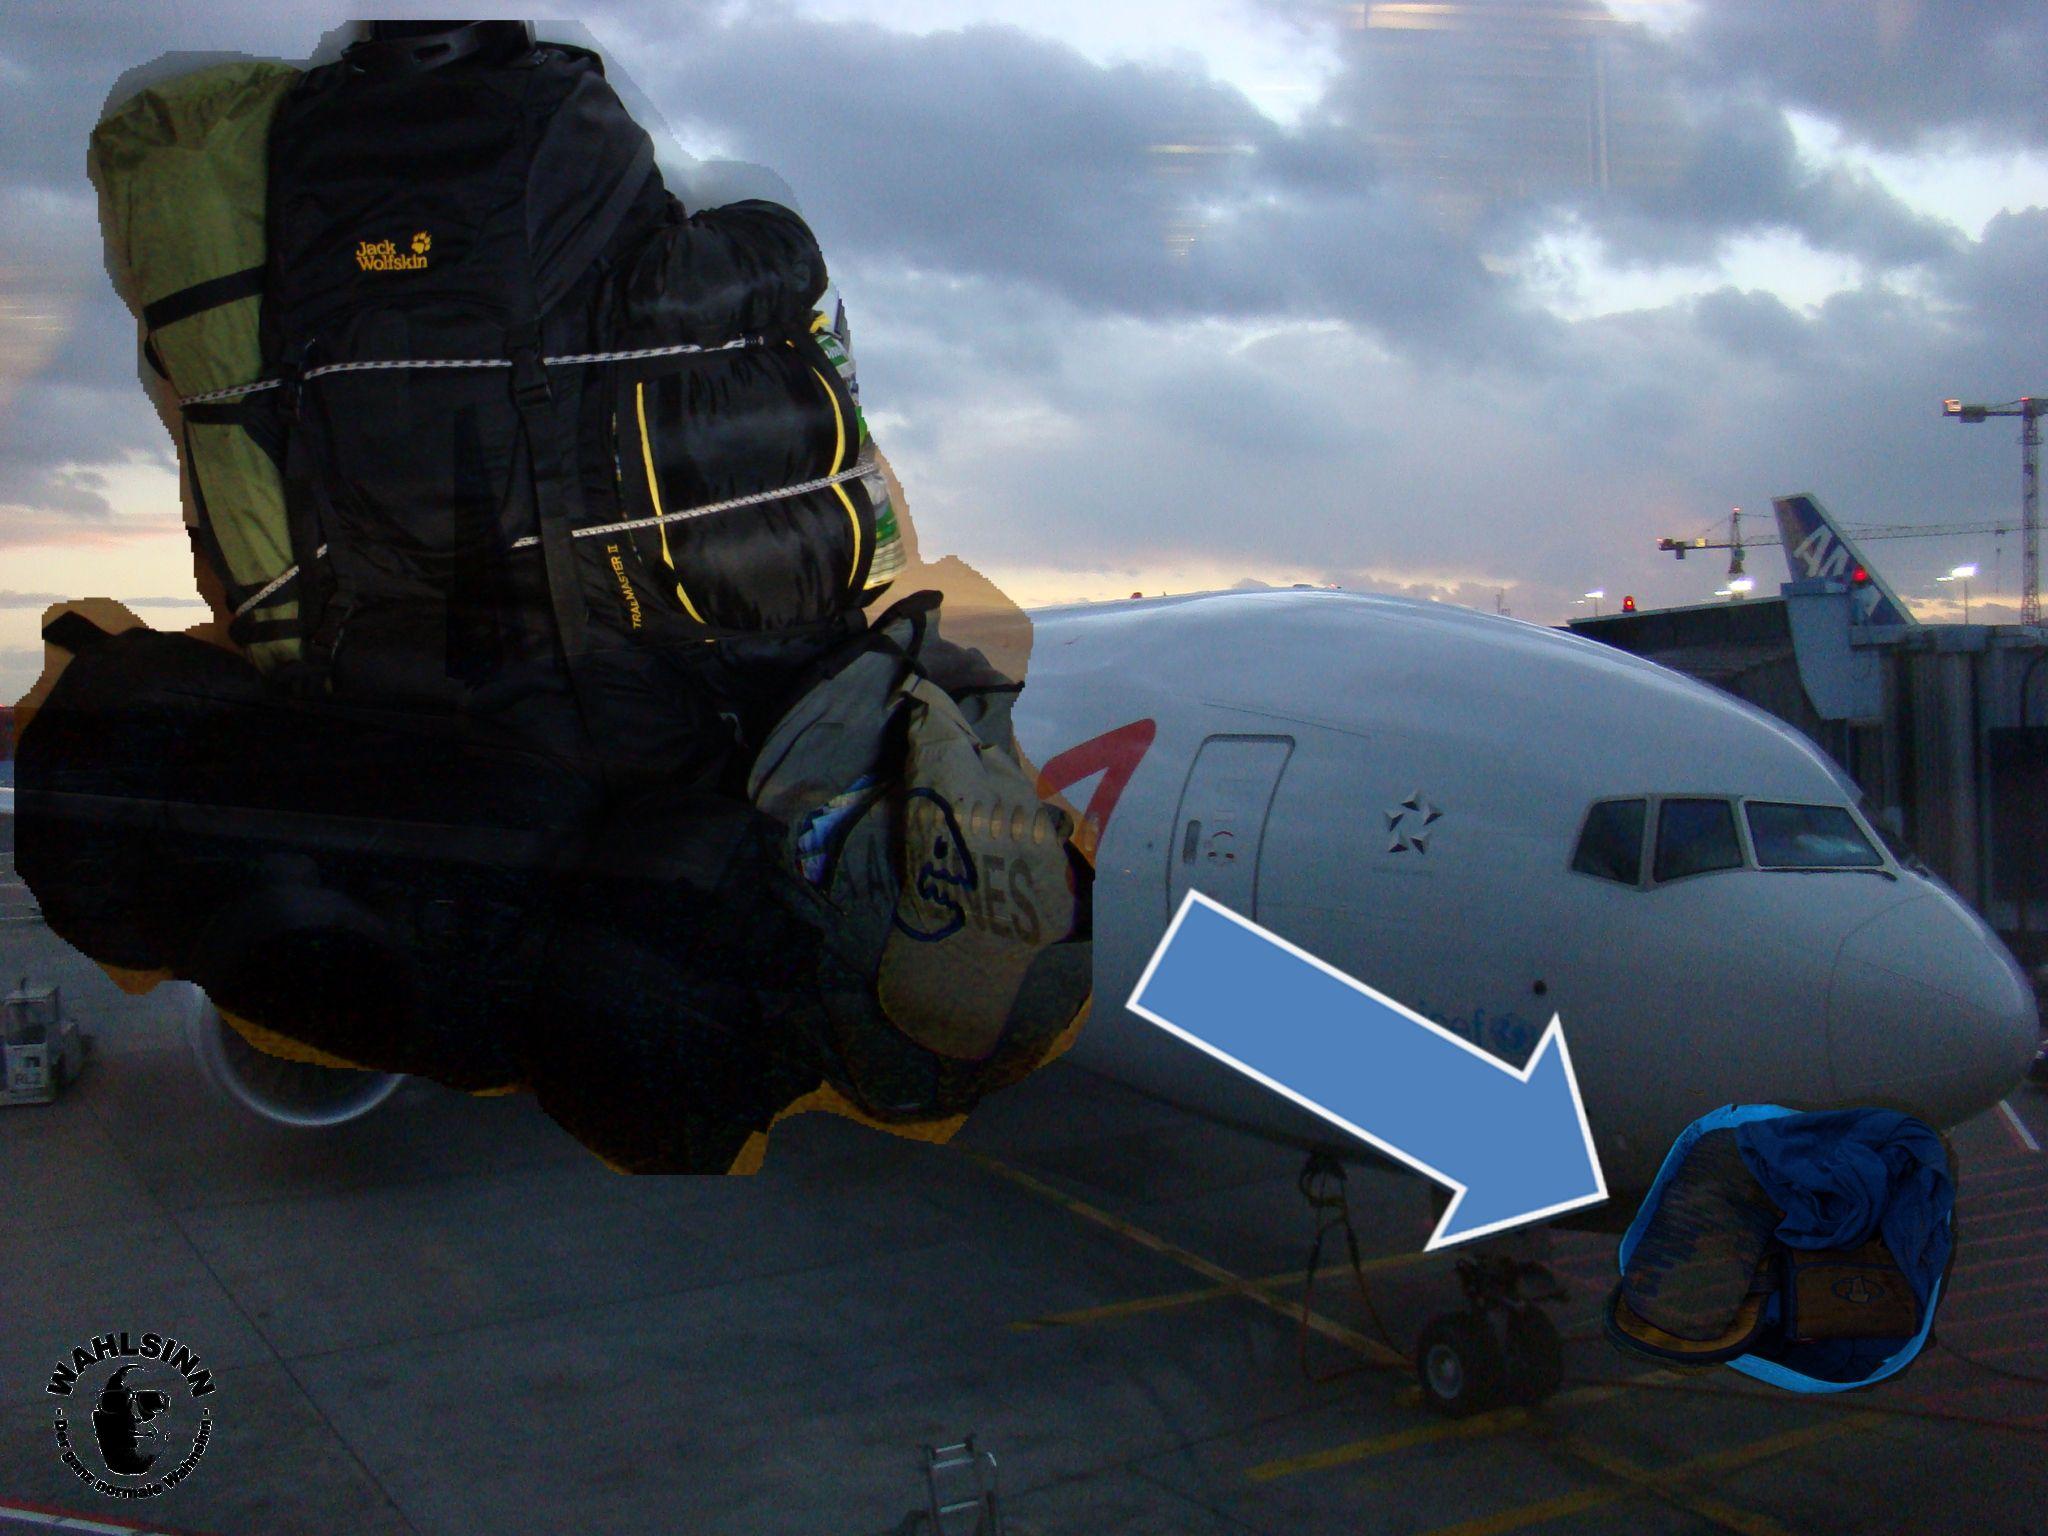 Urlaubsrecht - Schäden am Gepäck schriftlich früh melden